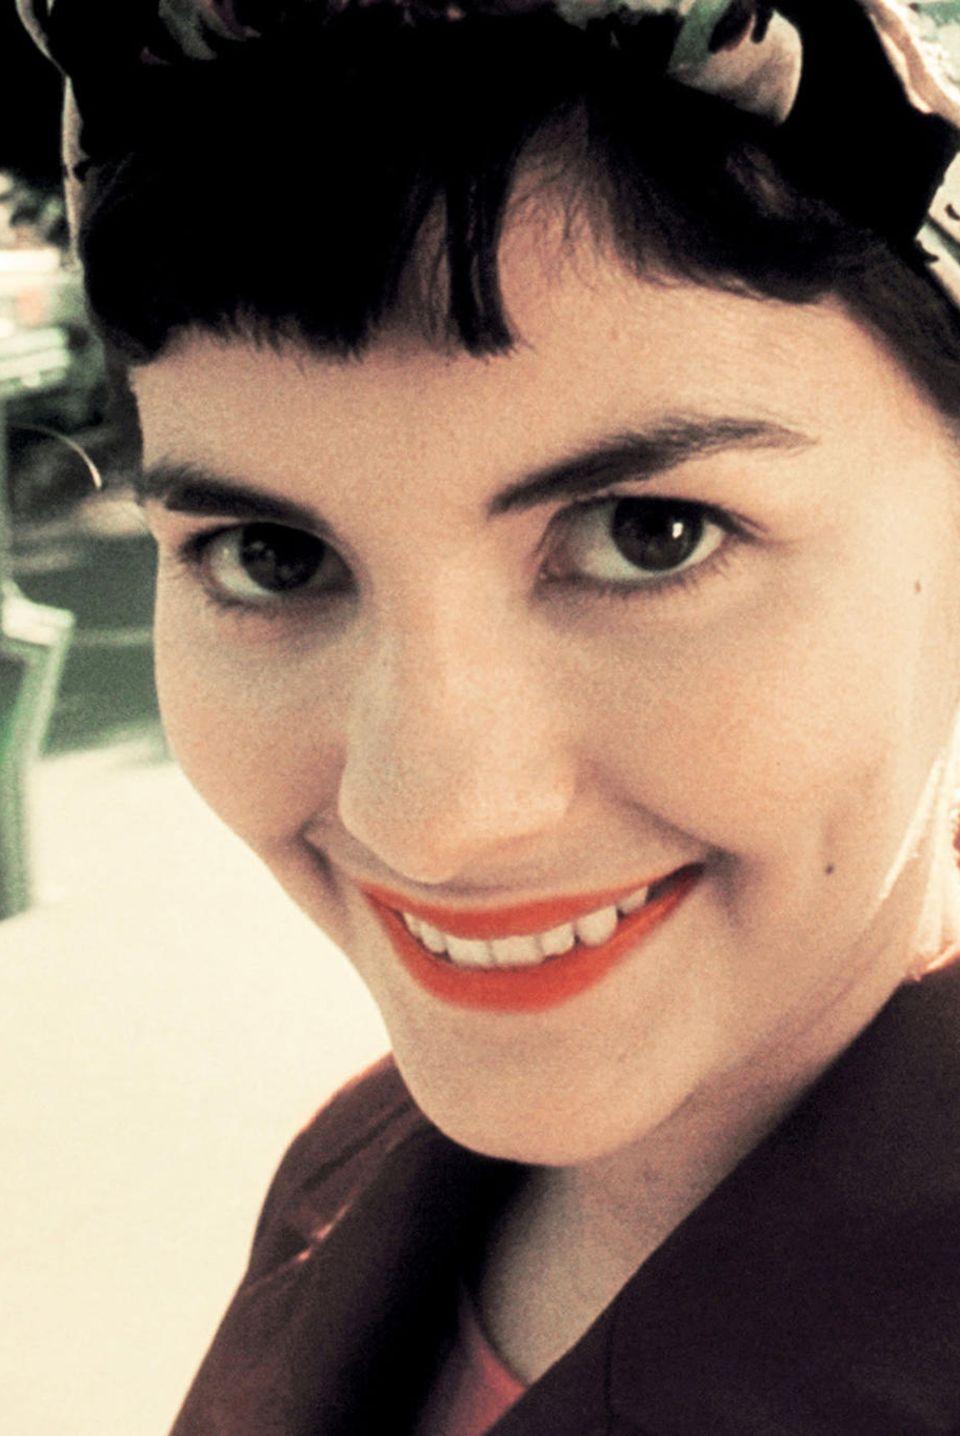 """Wer kennt sie nicht, die hinreißende """"Amélie Poulain"""" in ihrer fabelhaften Welt in Paris?"""